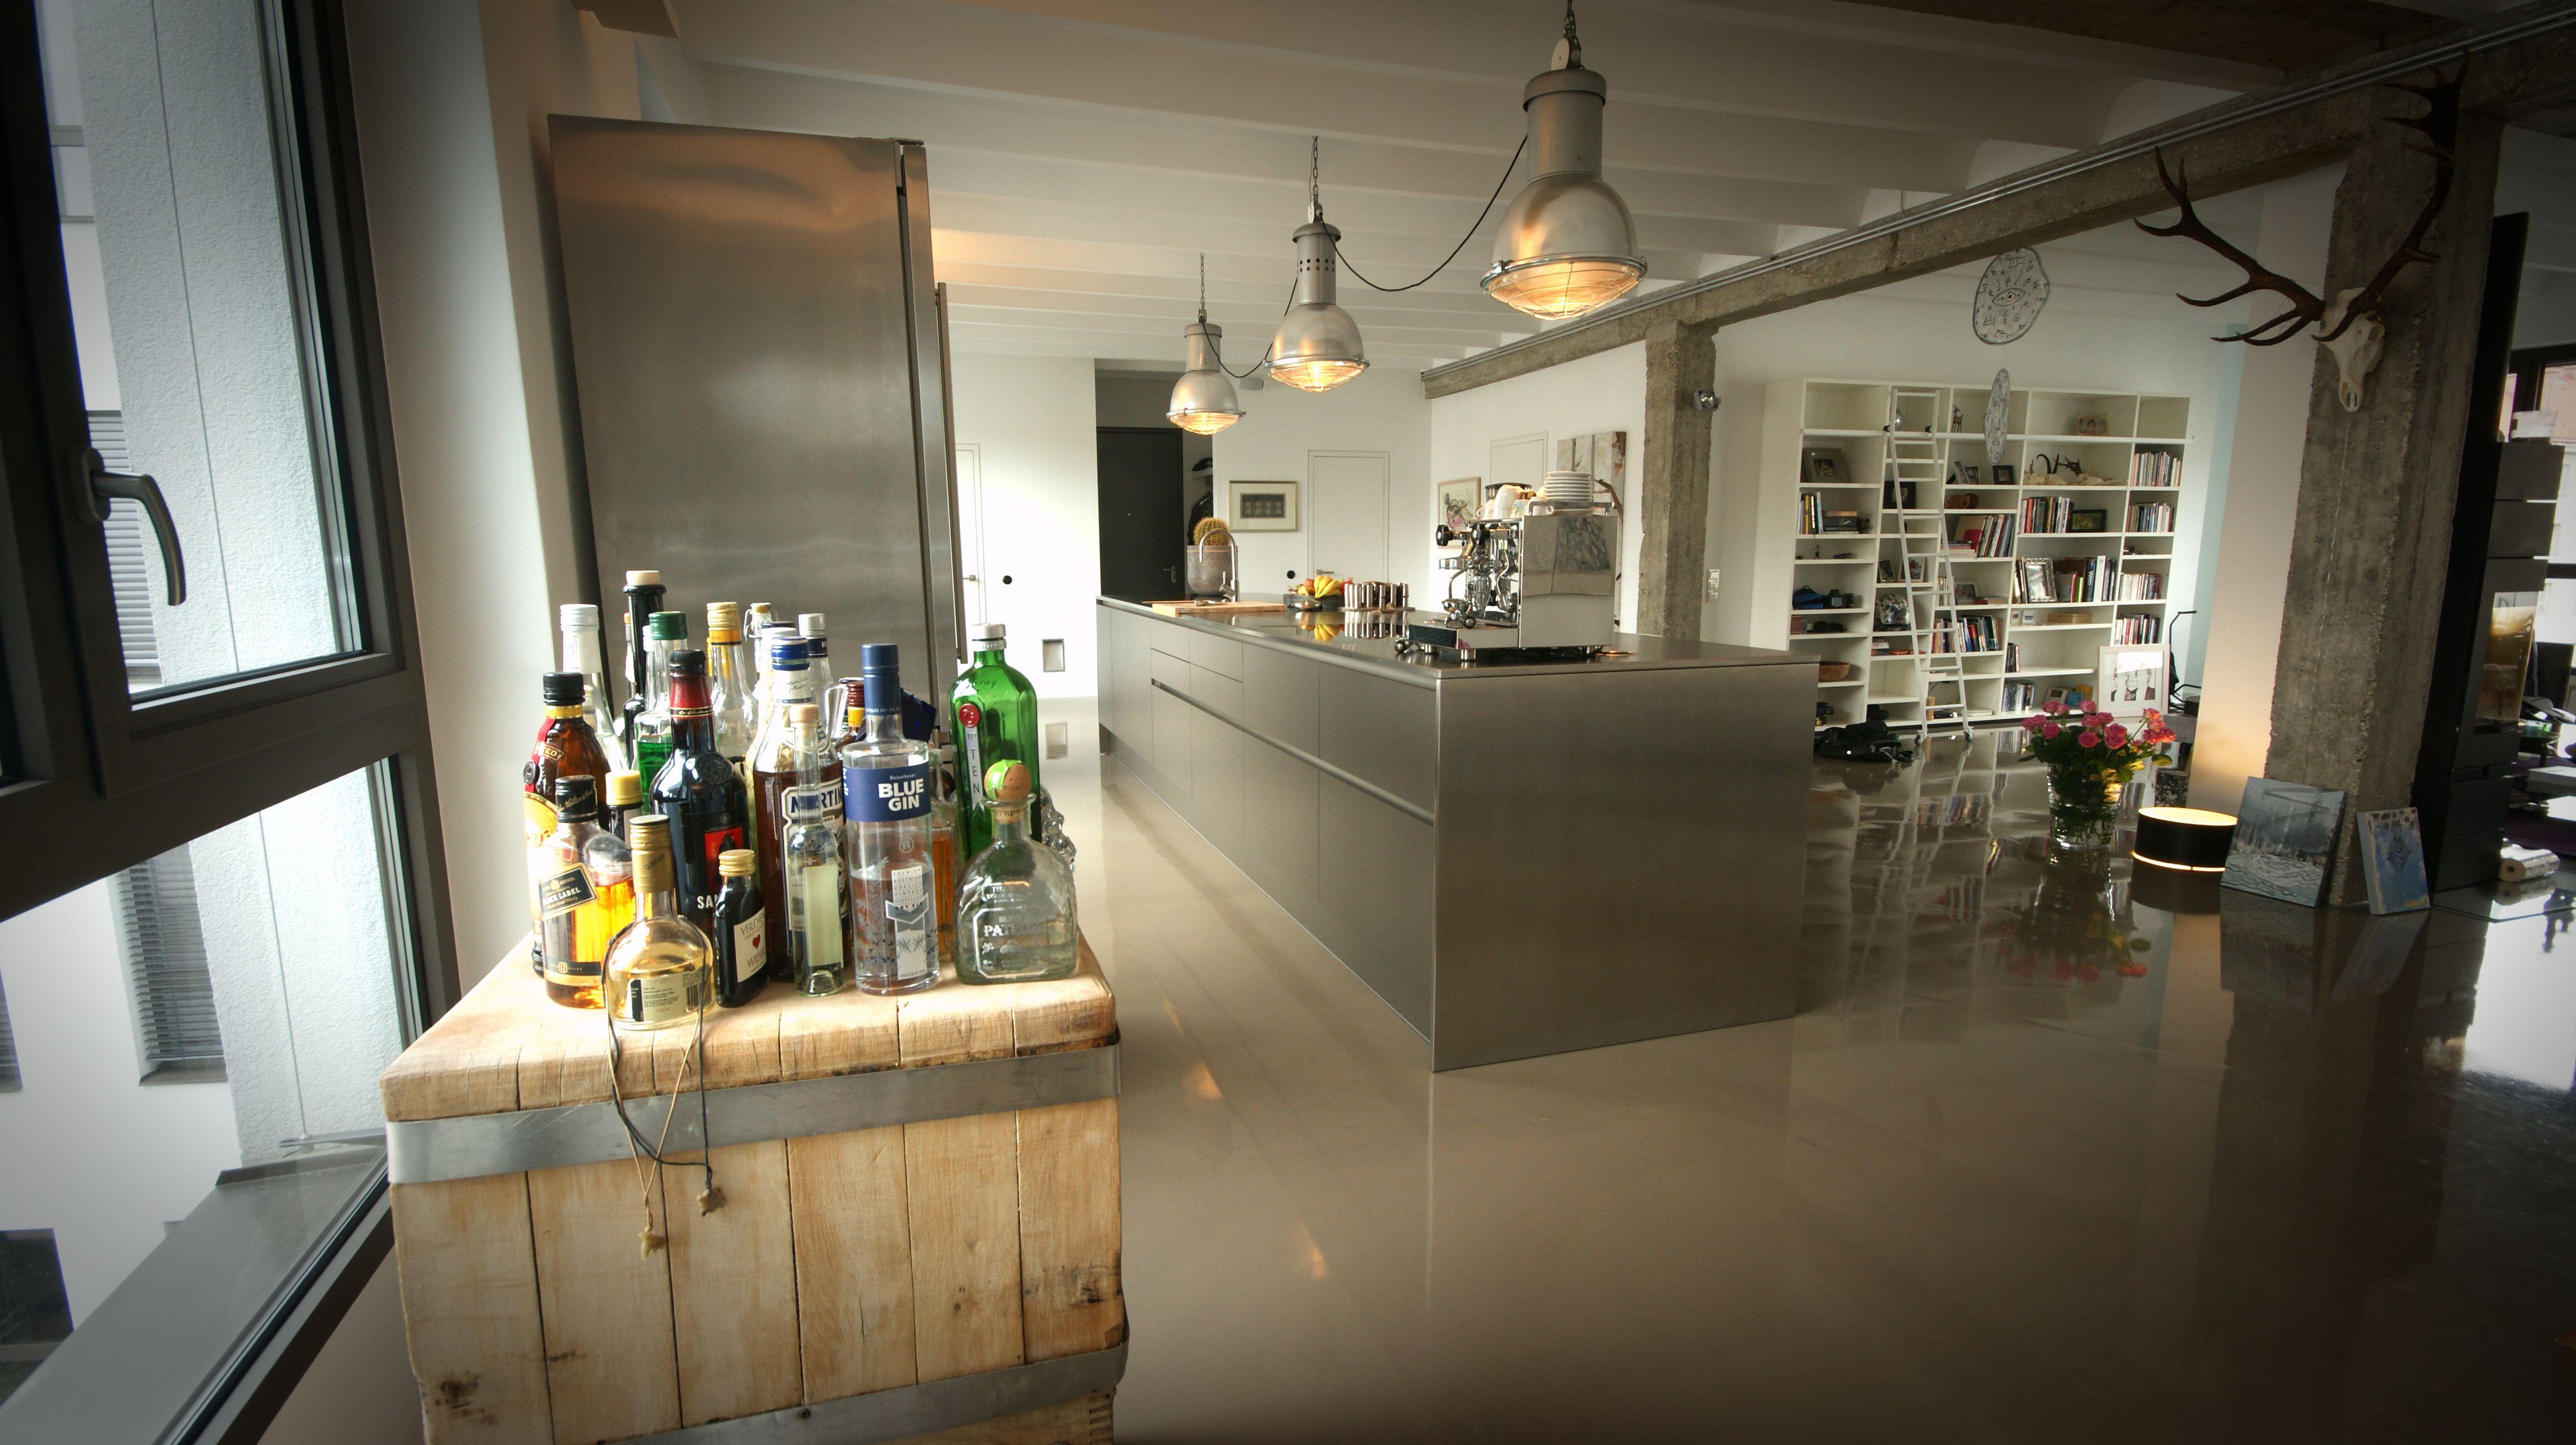 Wunderbar Kleine Küche Design Fotos Philippinen Galerie - Ideen Für ...